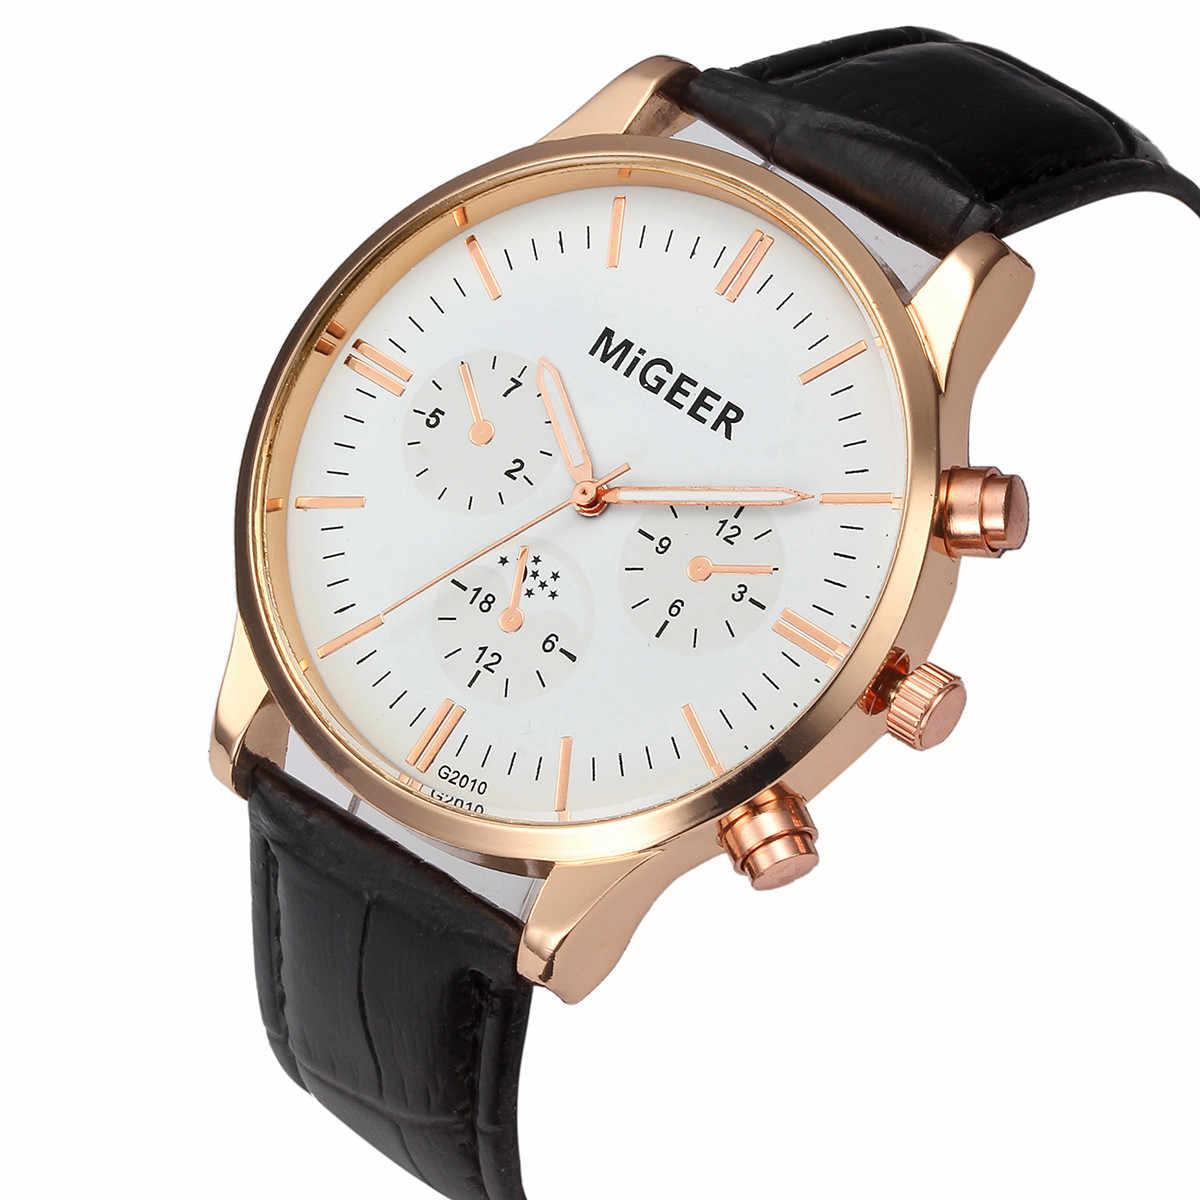 Signore di design di orologi di lusso della vigilanza delle donne 2018 Retro Fascia del Cuoio di Disegno Della Lega Analogico Al Quarzo Orologio Da Polso orologio meccanismo di 30